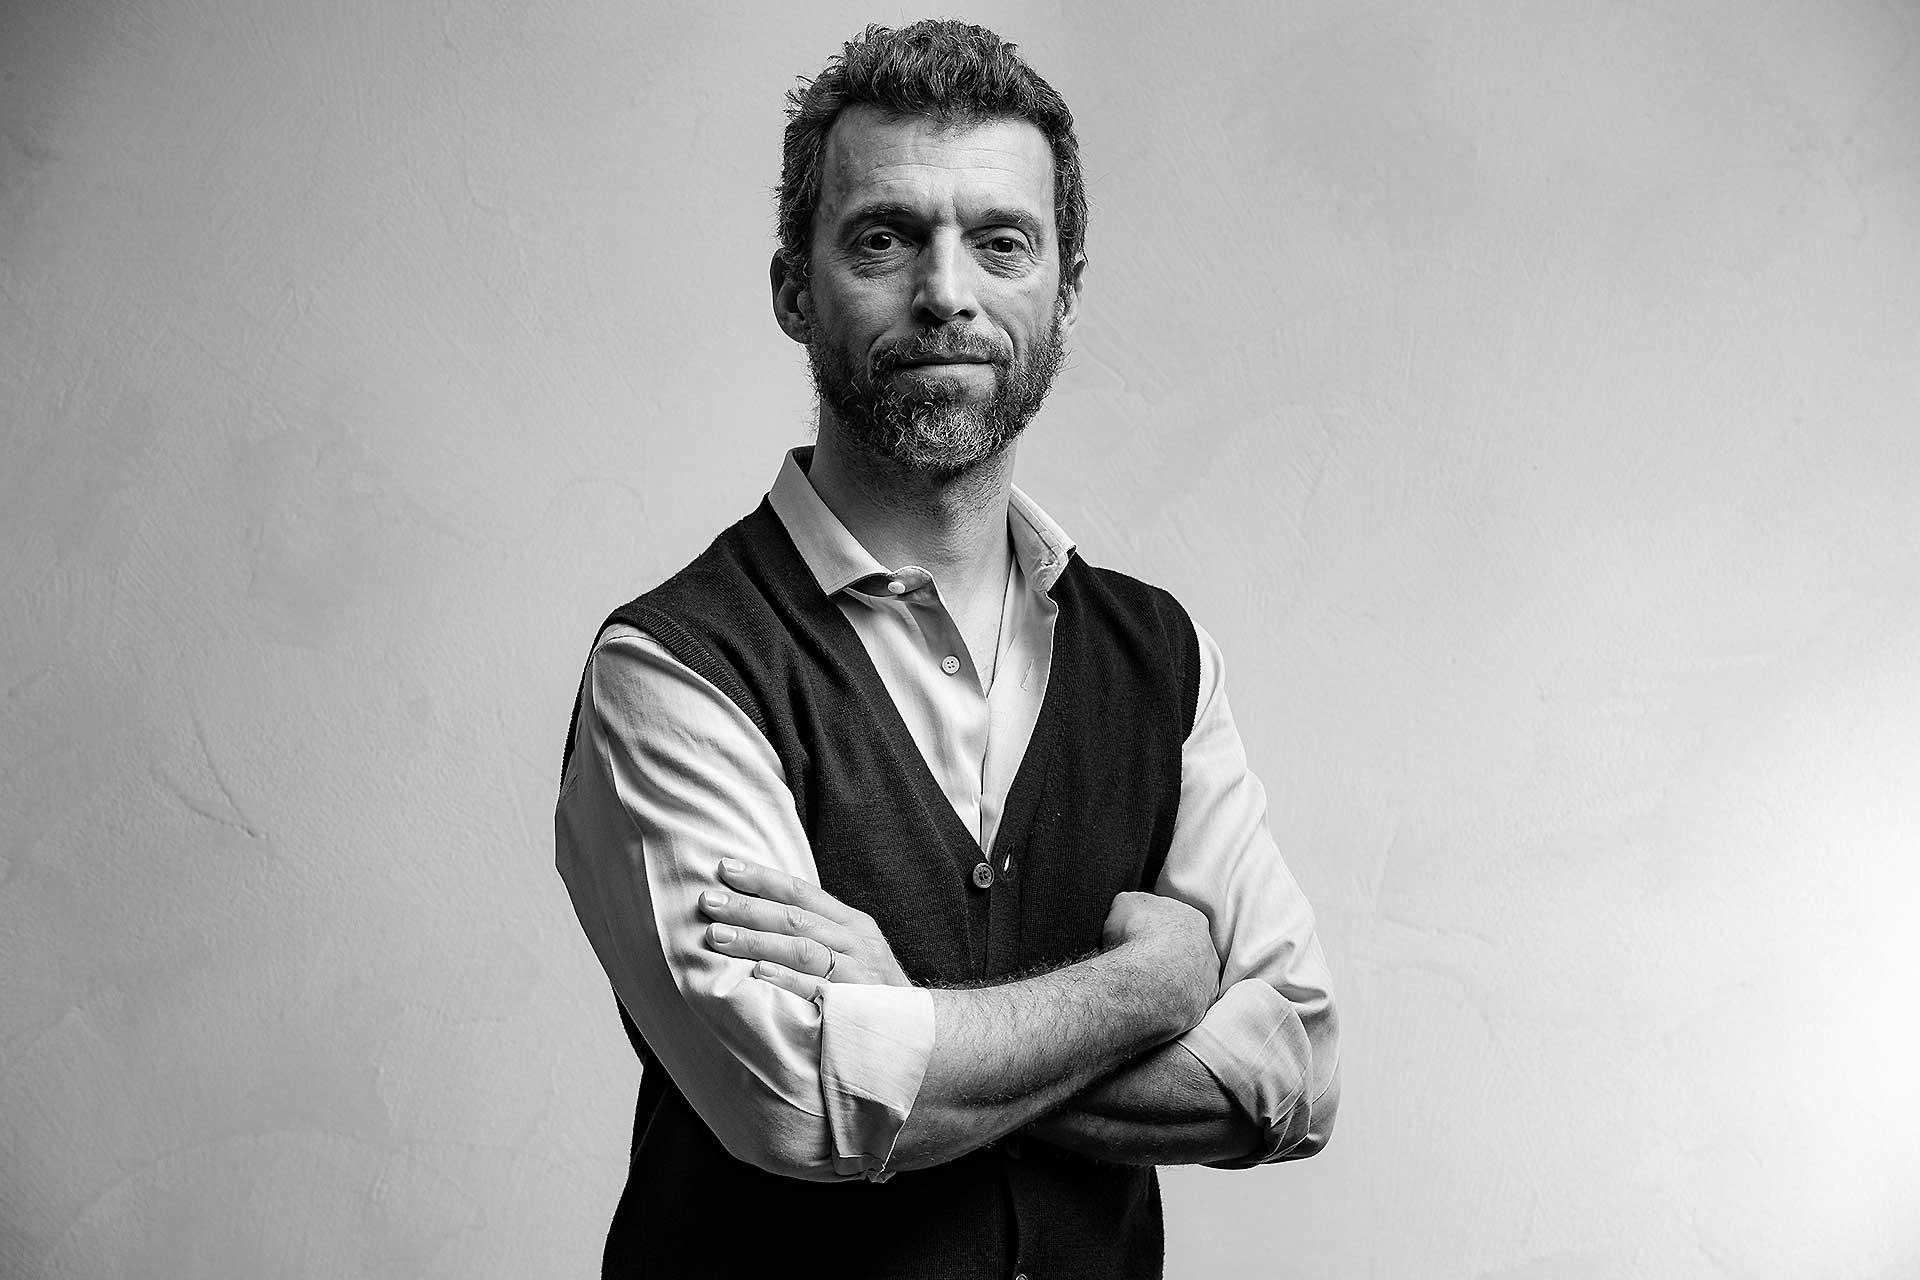 Marco Selvetti